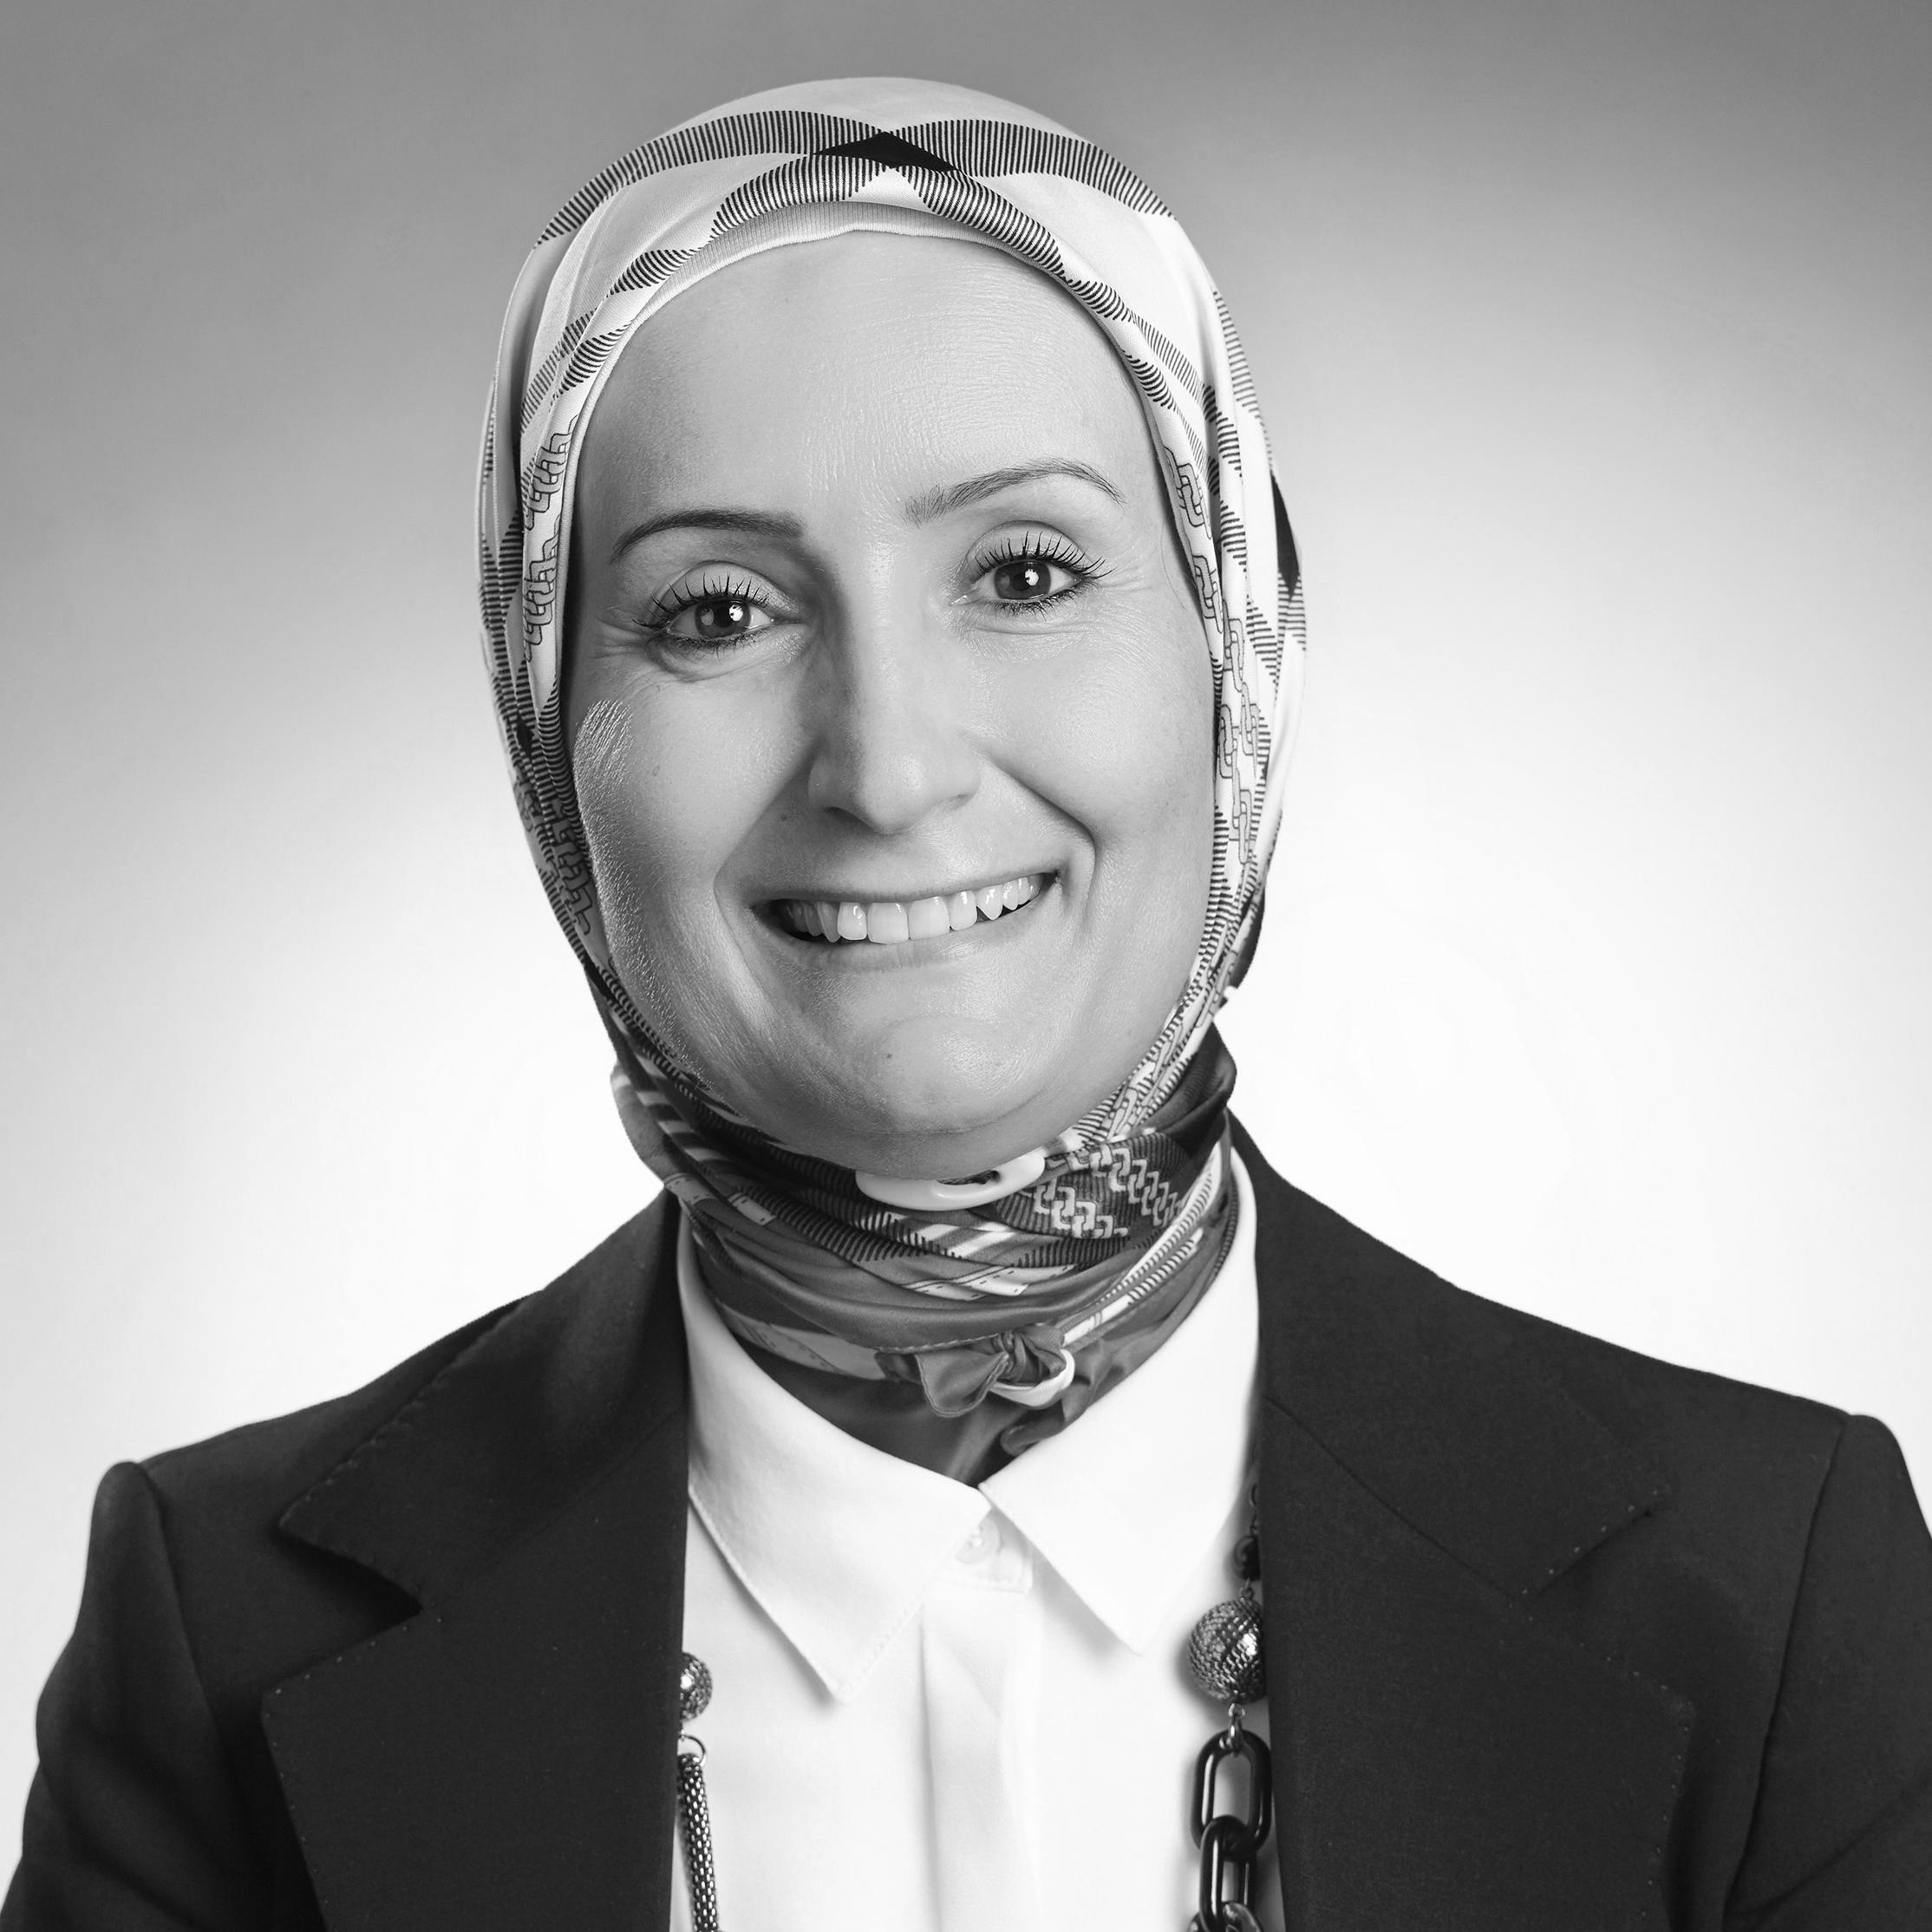 Copy of Maha Al-Zu'bi